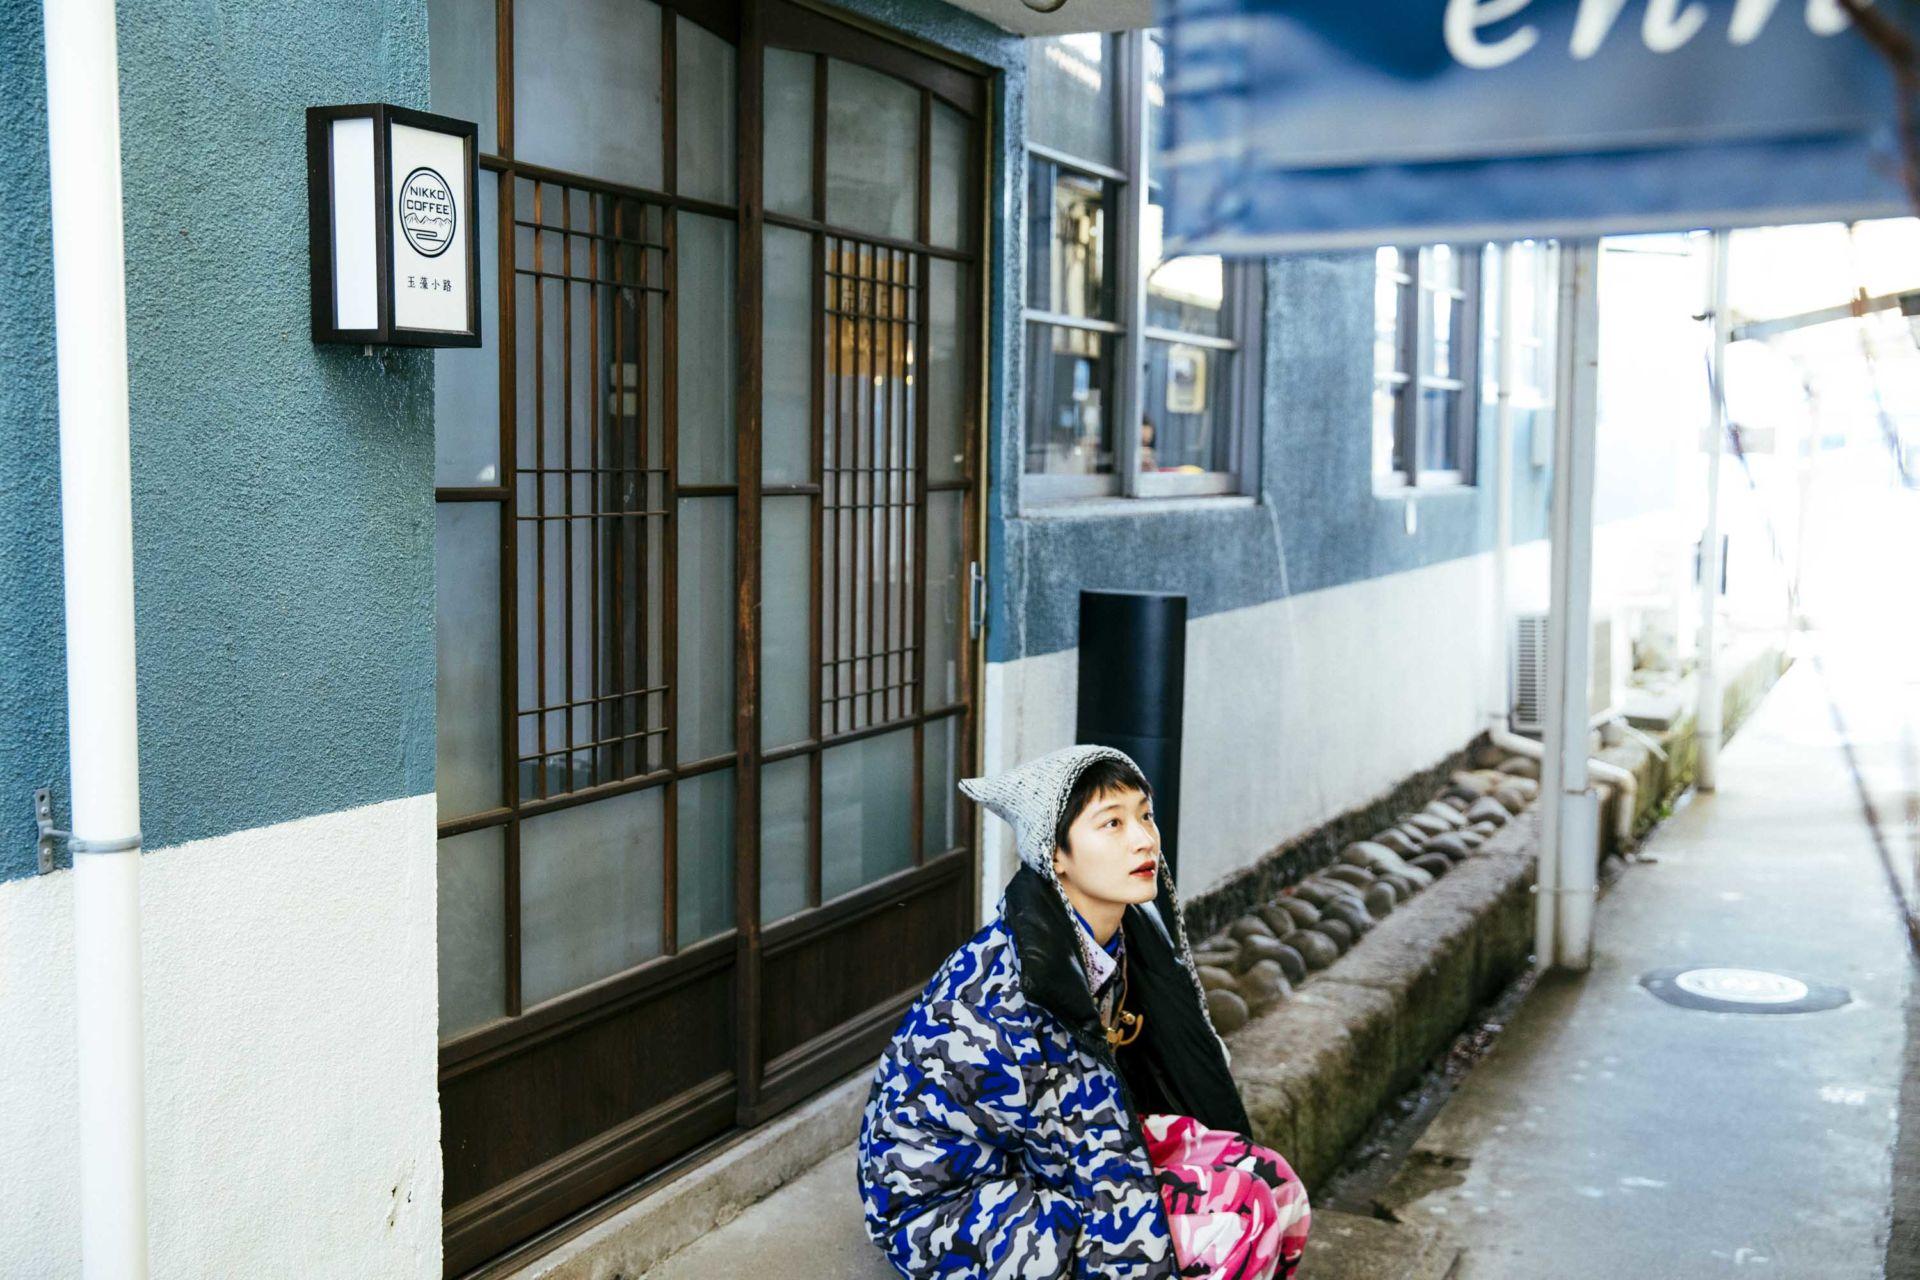 【フォトルポ#1】コムアイが行く!日光市今市の歩き方。スイカン×日光市発の無料映画上映会『名画ニッコウ座』間もなく開催 180307-meiga-nikko-za-2